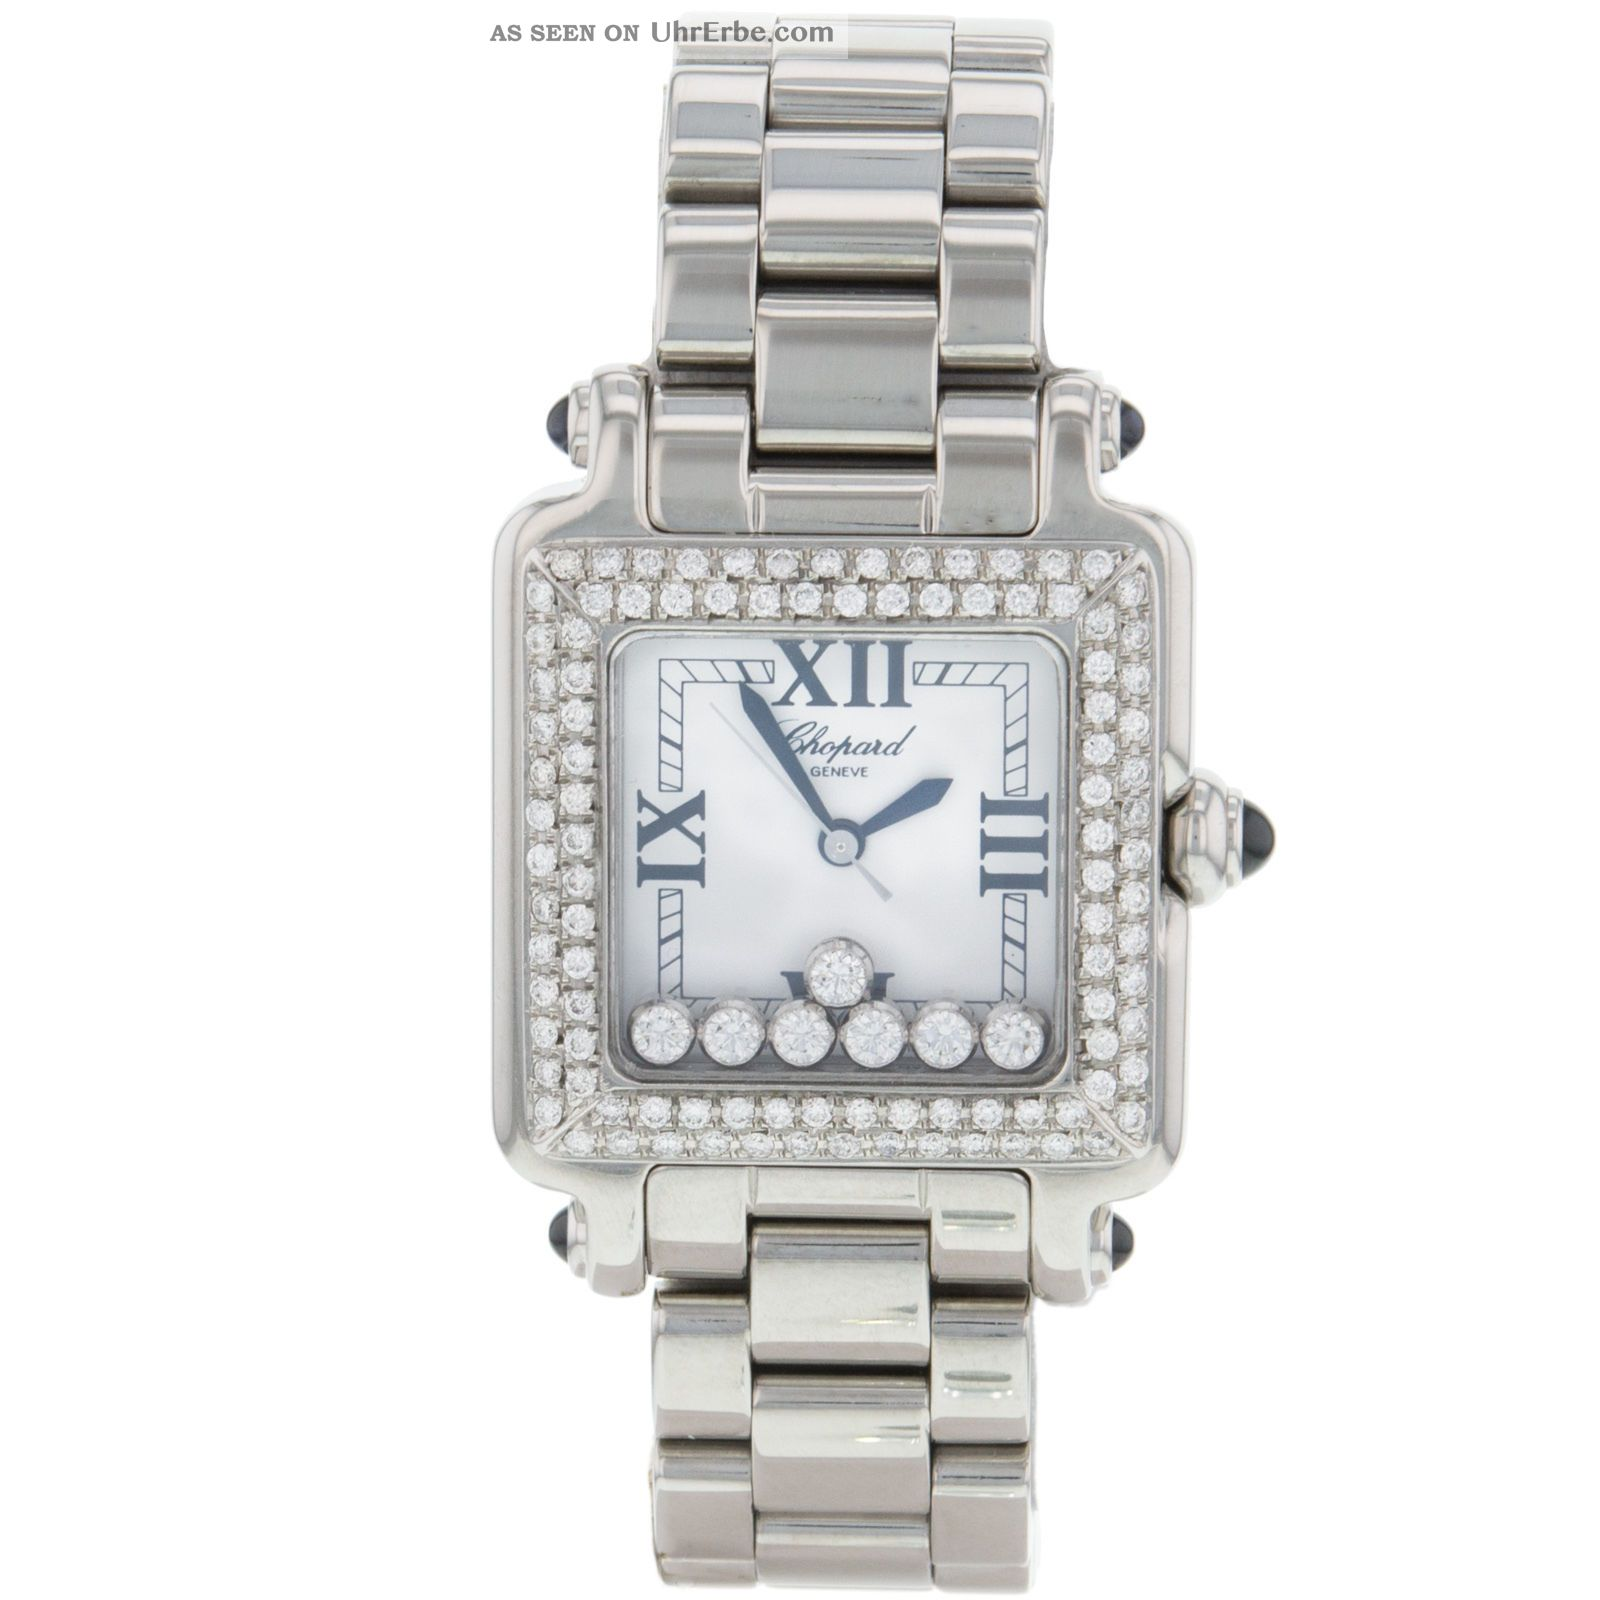 Damen Uhr Armbanduhr Chopard Happy Sport 7 27/8349 - 23 Diamanten Armbanduhren Bild